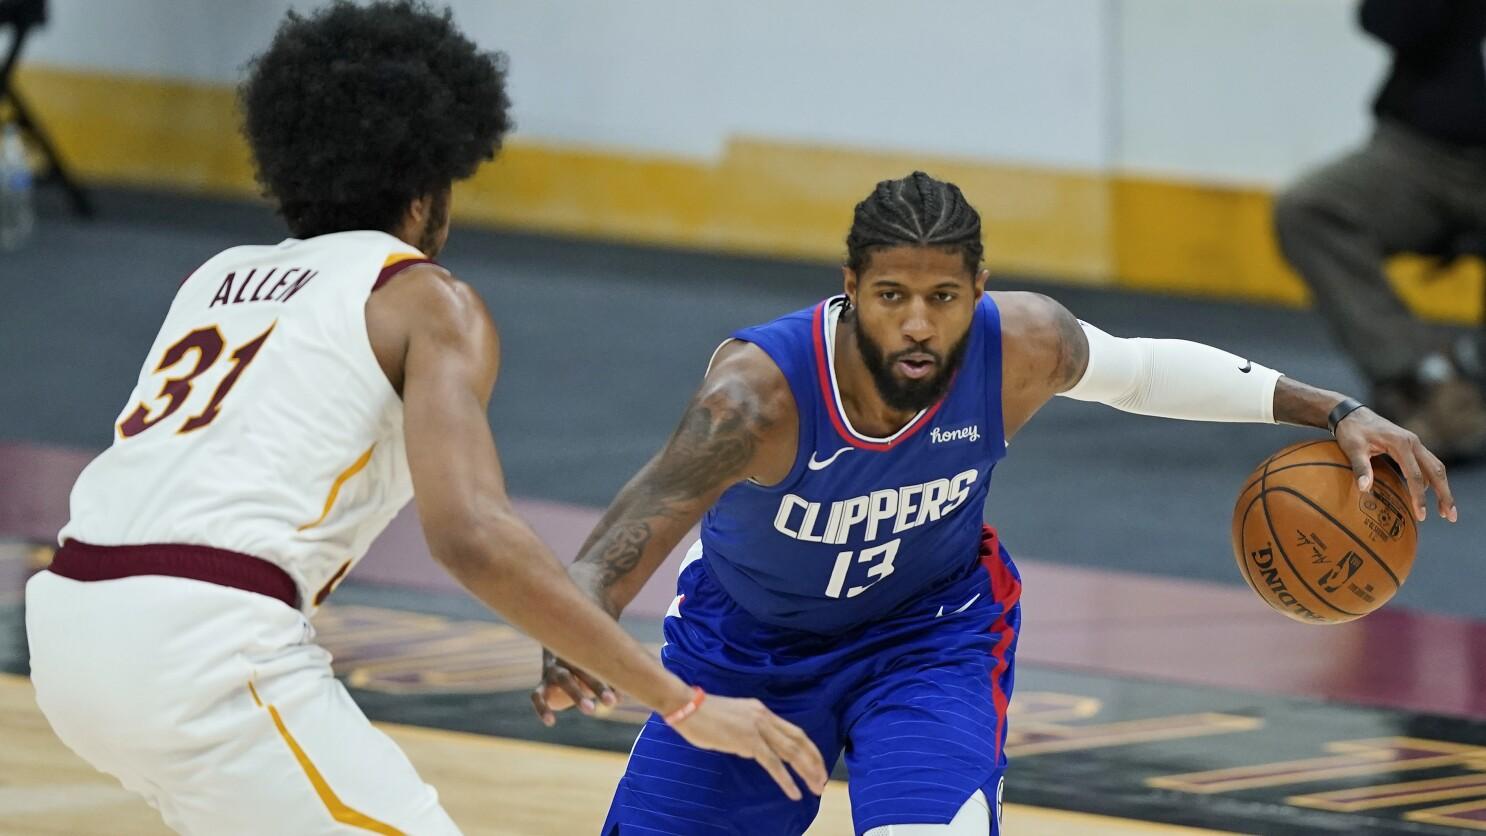 Αποτέλεσμα εικόνας για LA Clippers - Cleveland Cavaliers 121-99